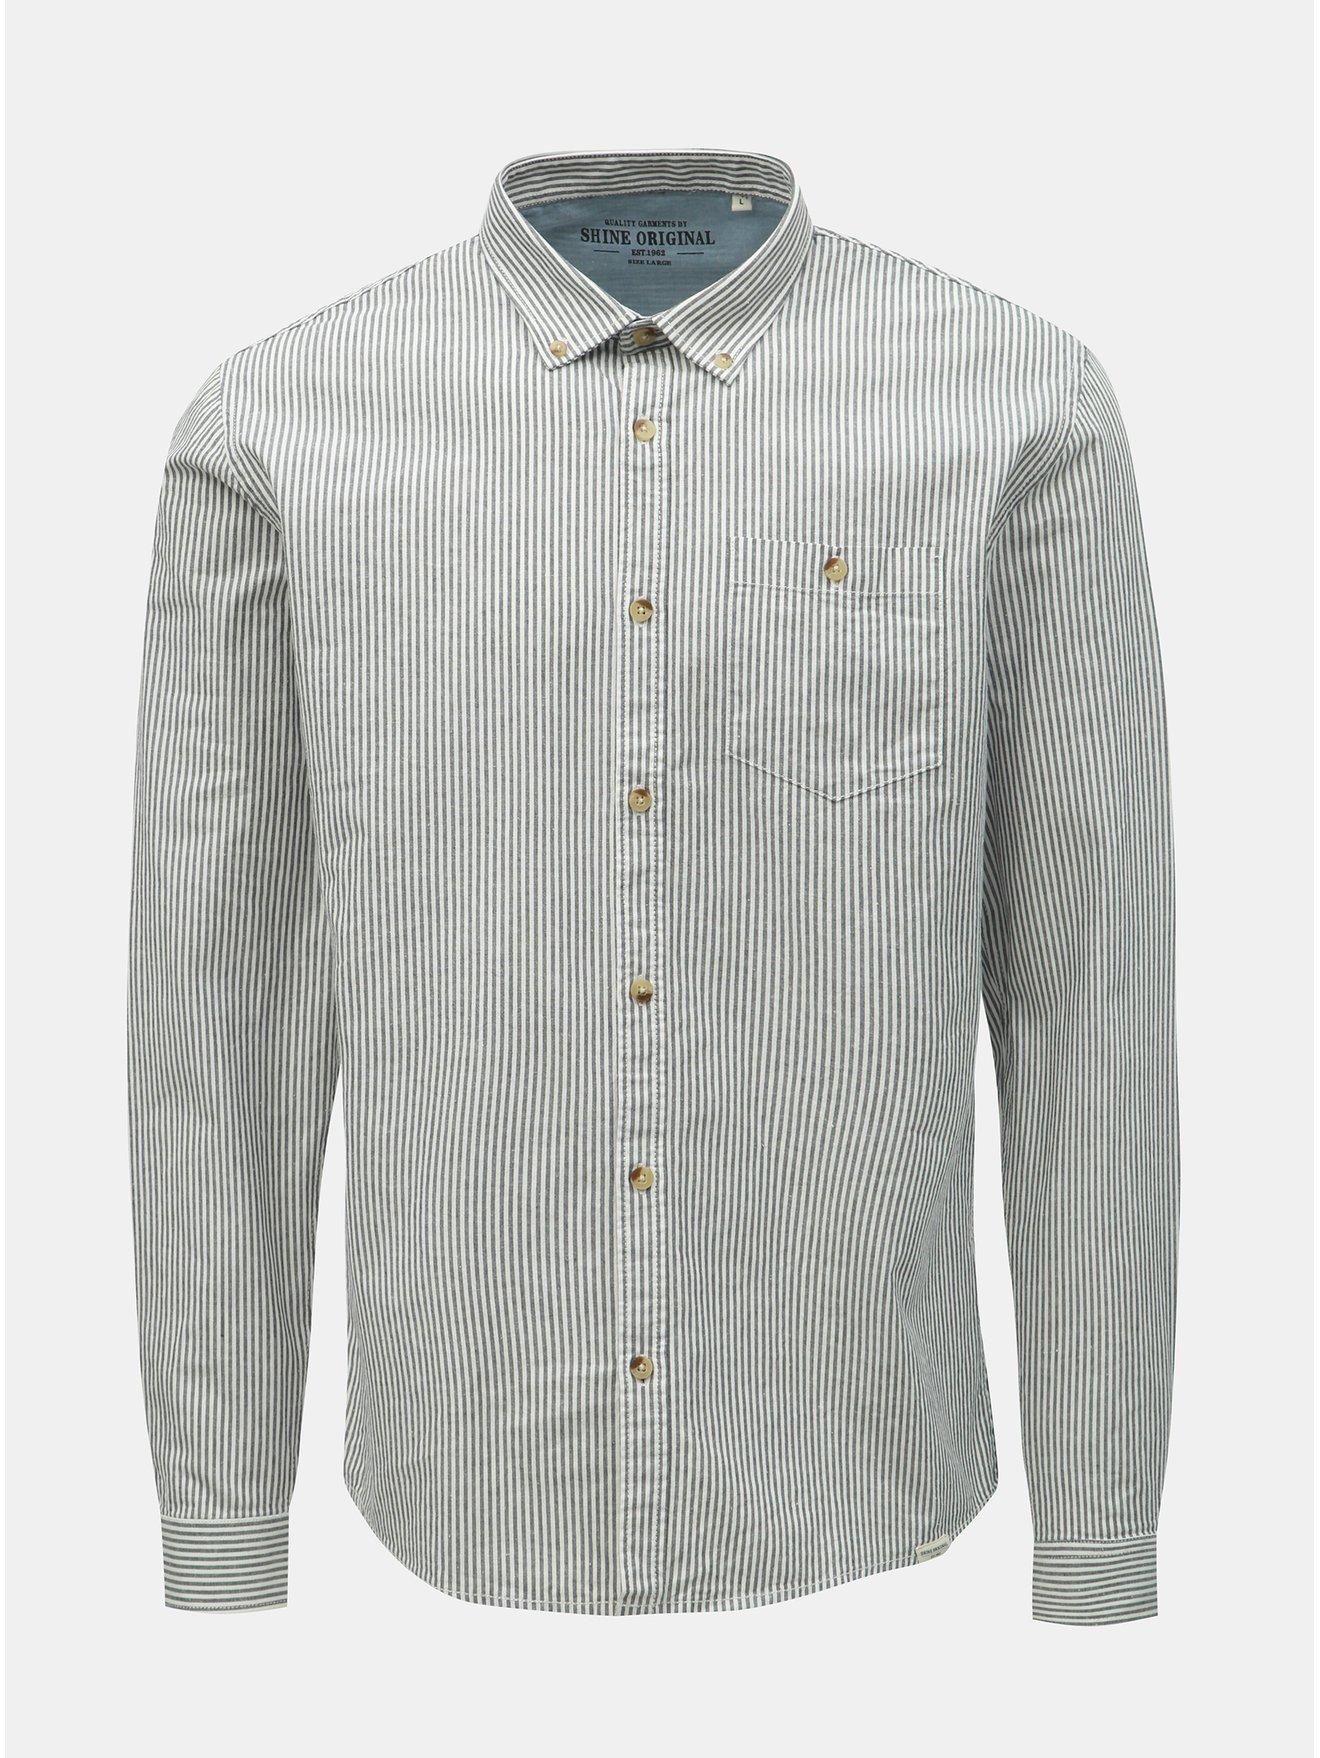 Šedo-bílá pruhovaná košile Shine Original